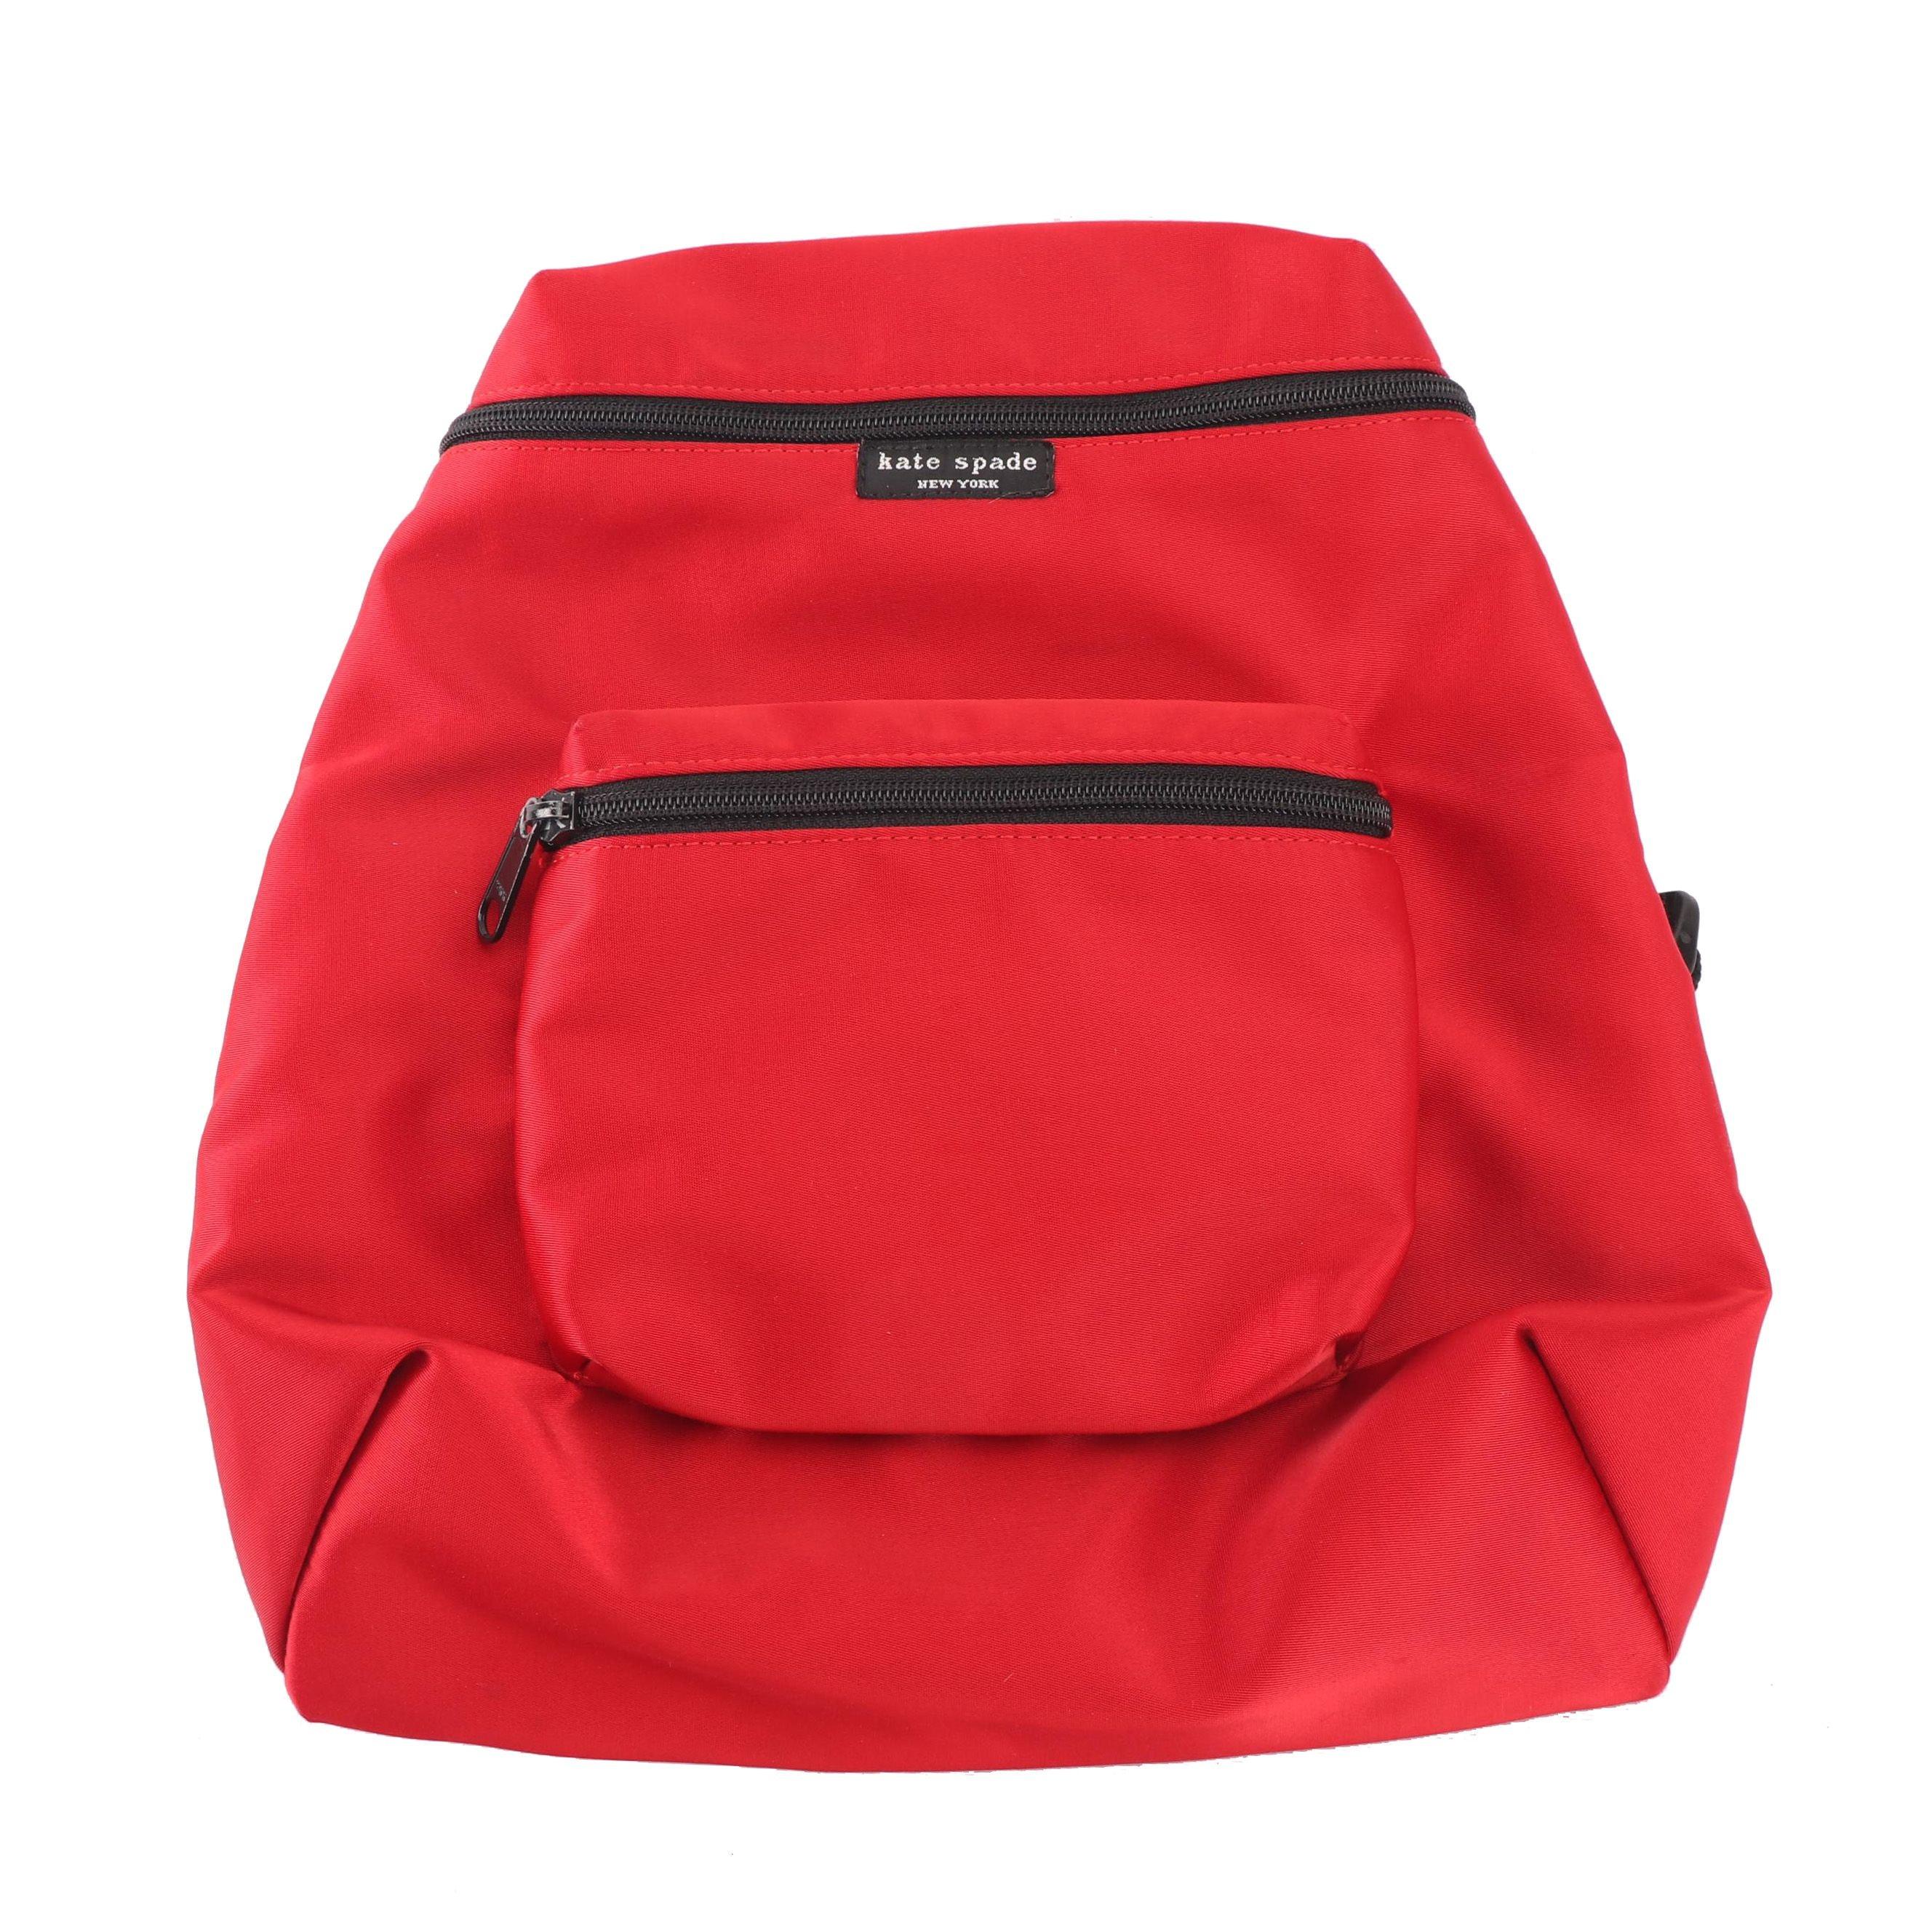 Kate Spade New York Red Nylon Backpack